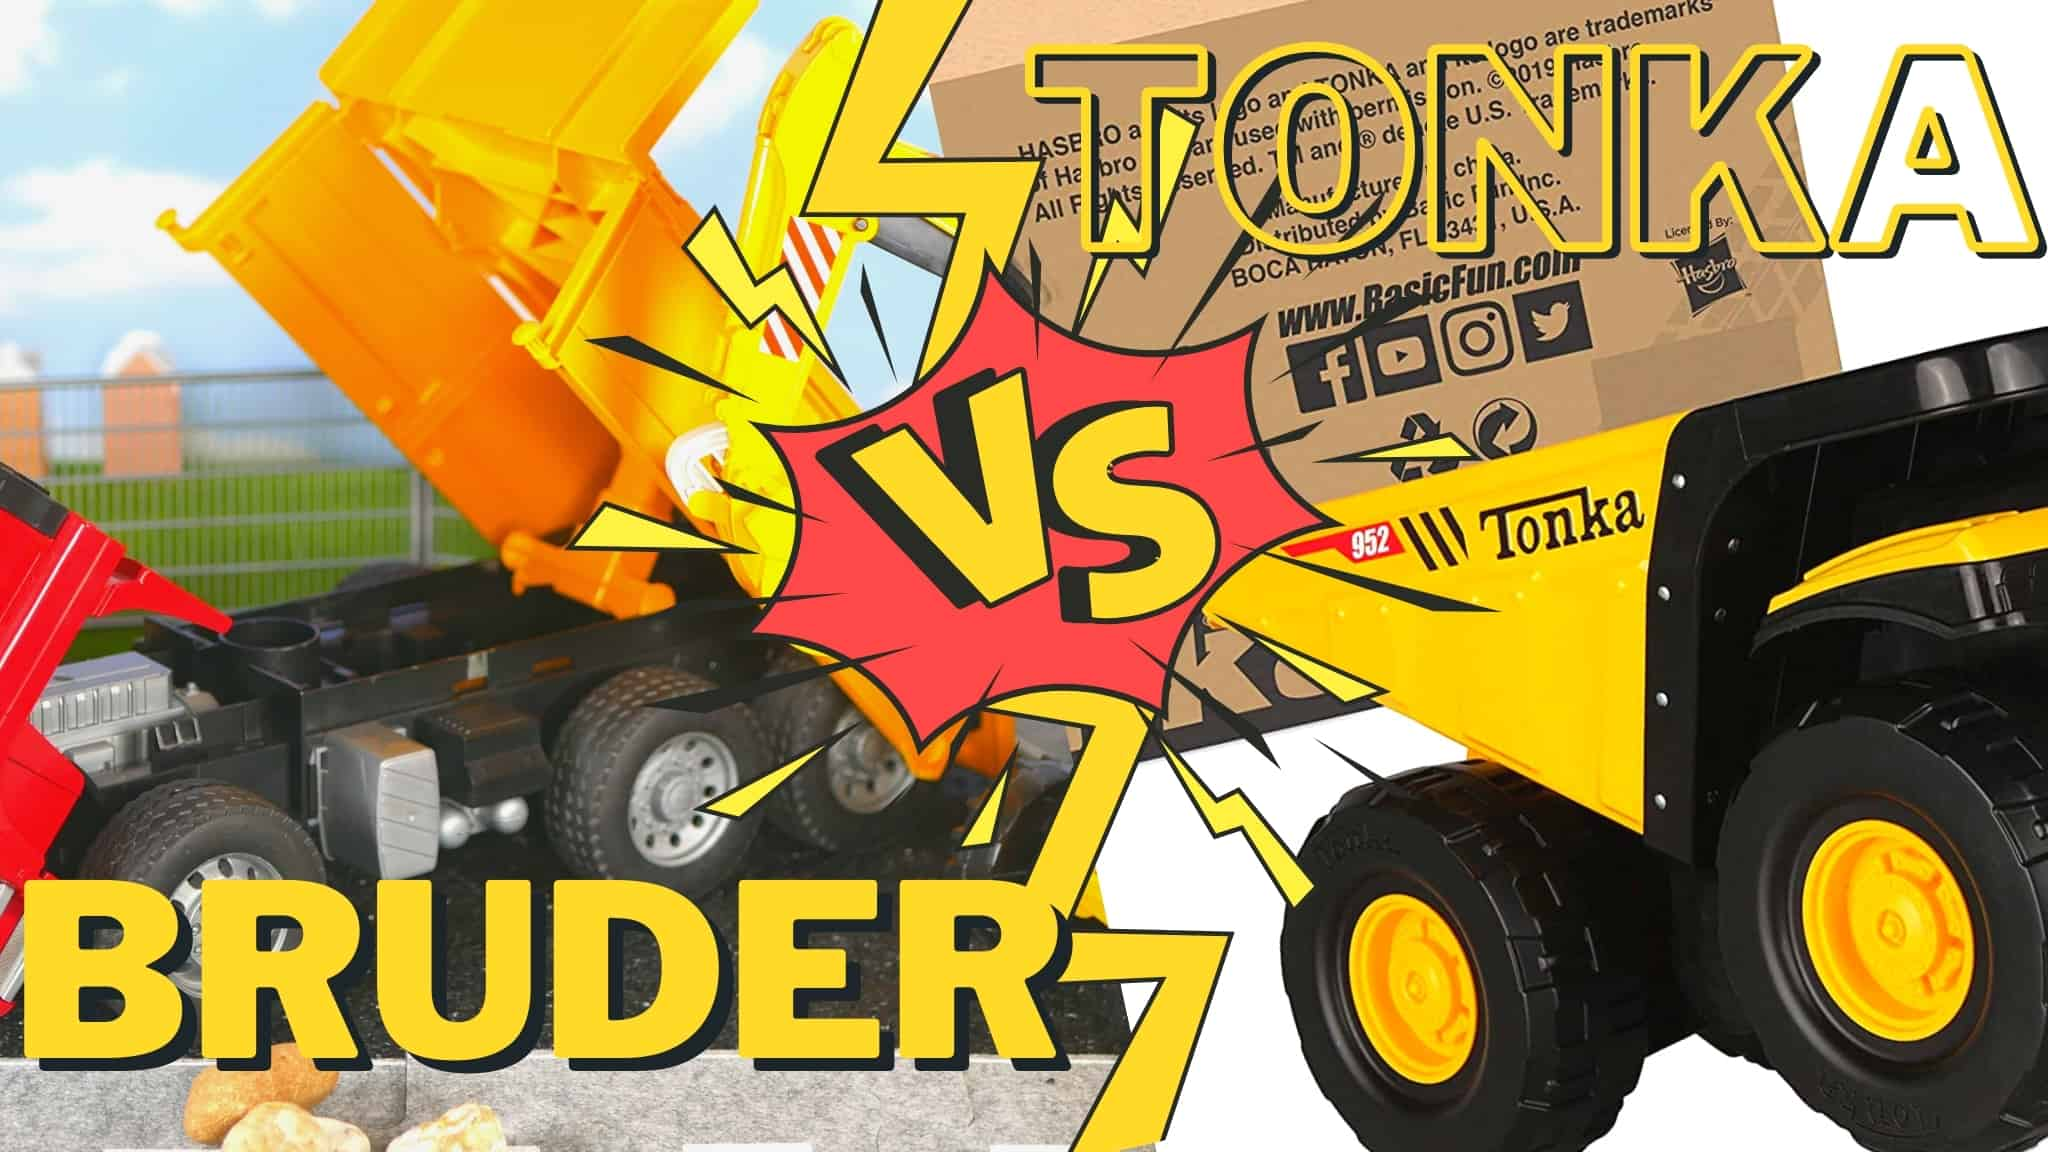 Bruder vs Tonka toys